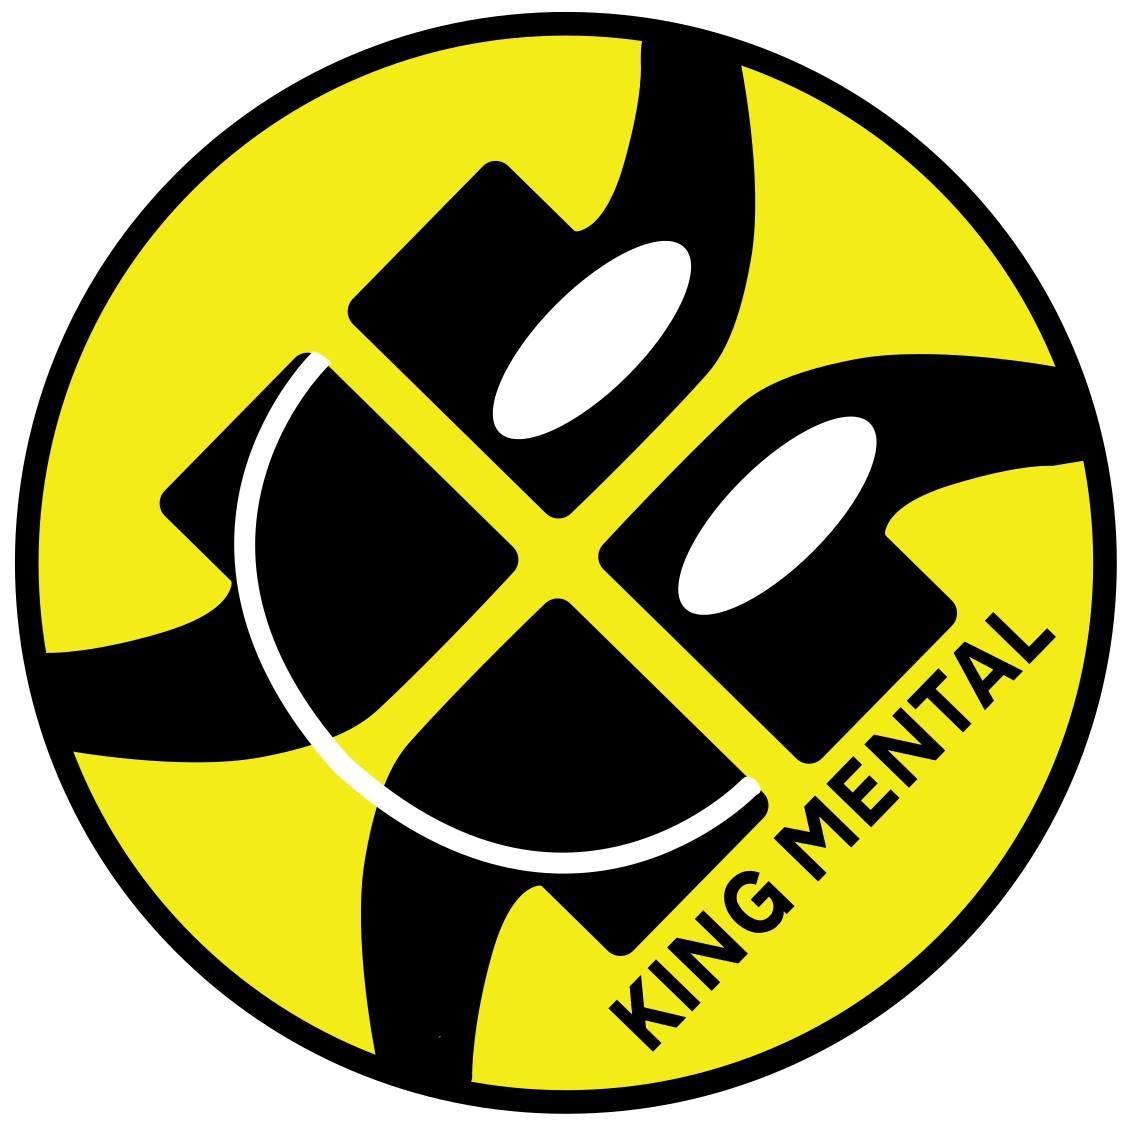 king logo image